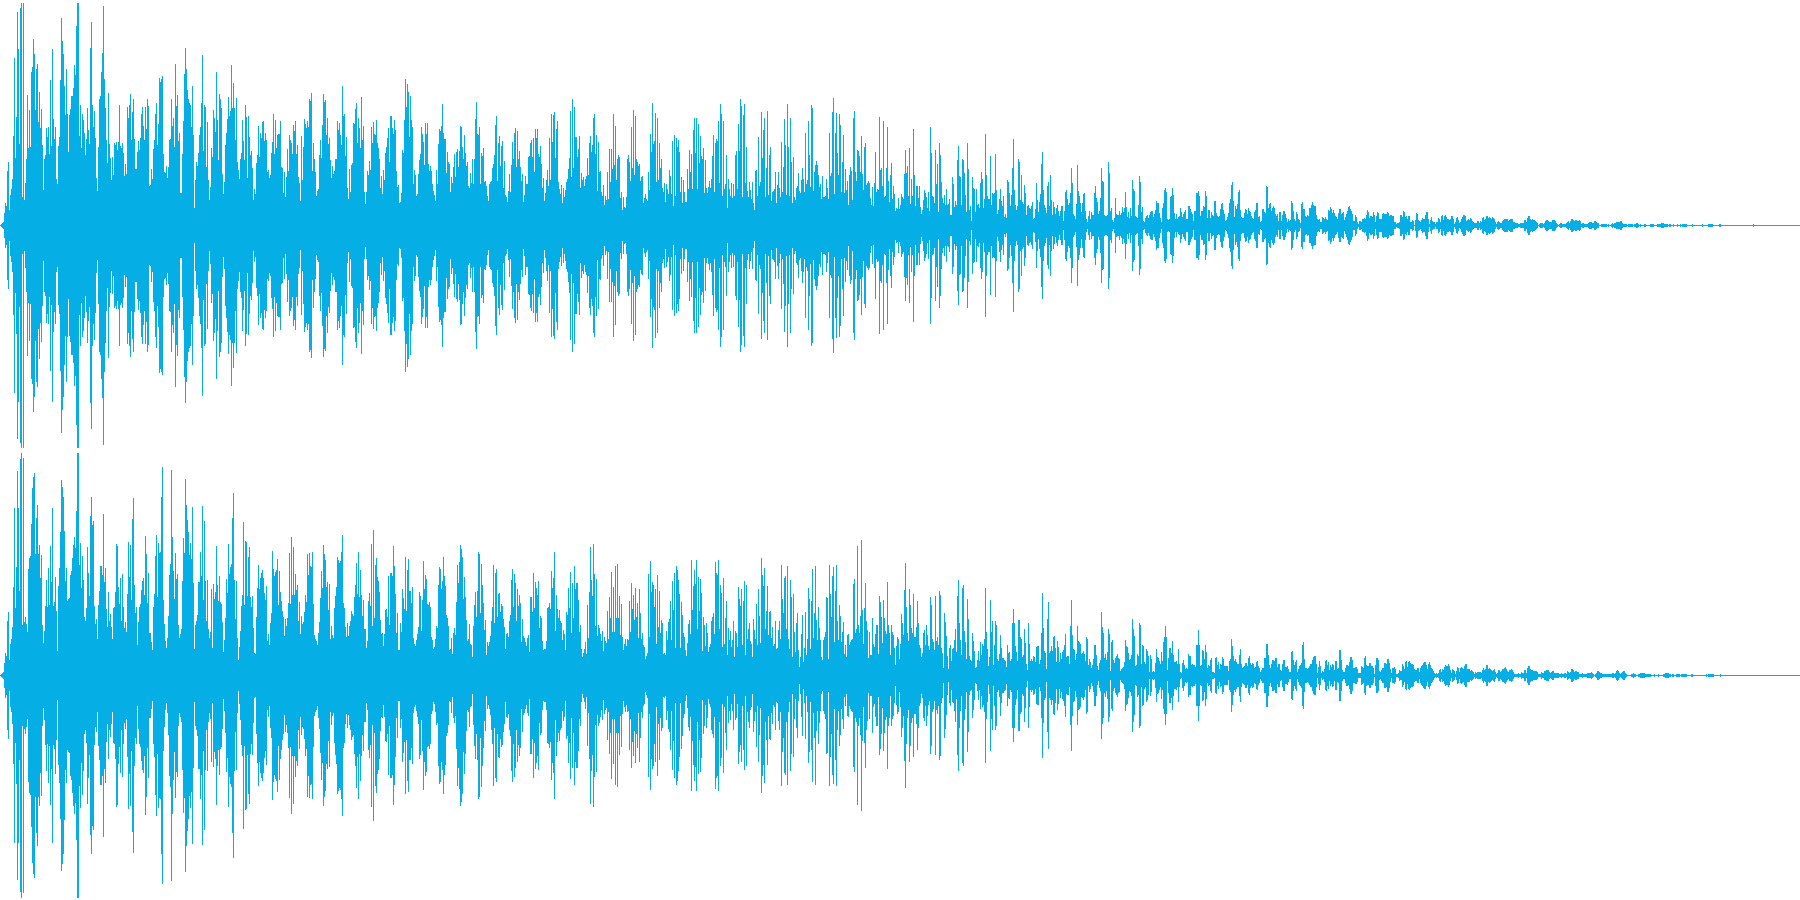 InvaderBuzz 発砲音 24の再生済みの波形